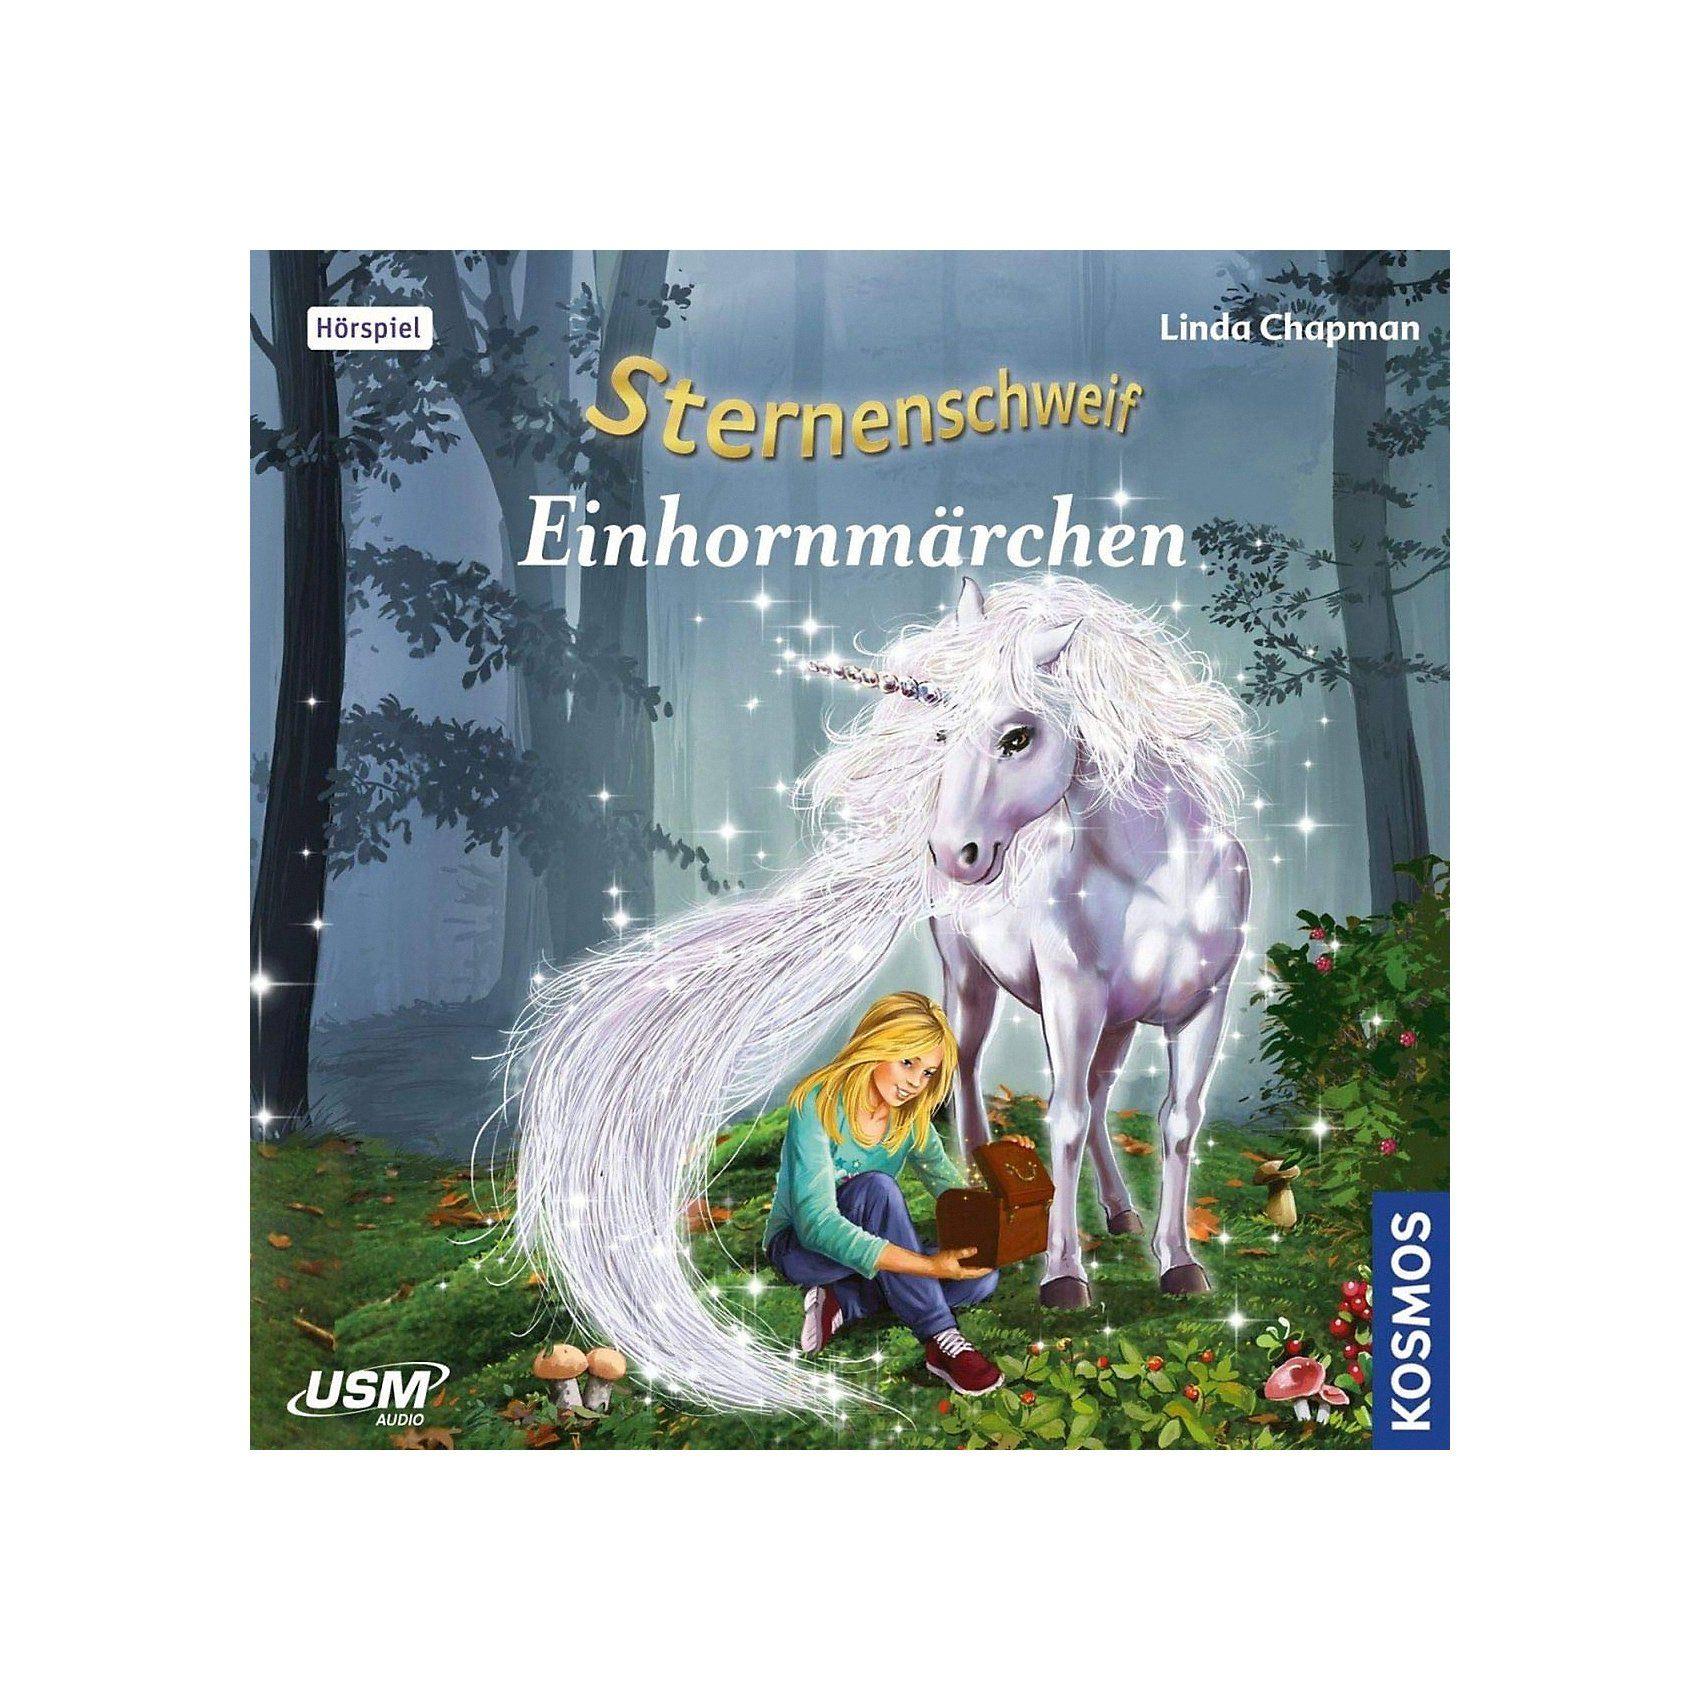 Sonstige Spielzeug-Artikel Märchen CD Sternenschweif